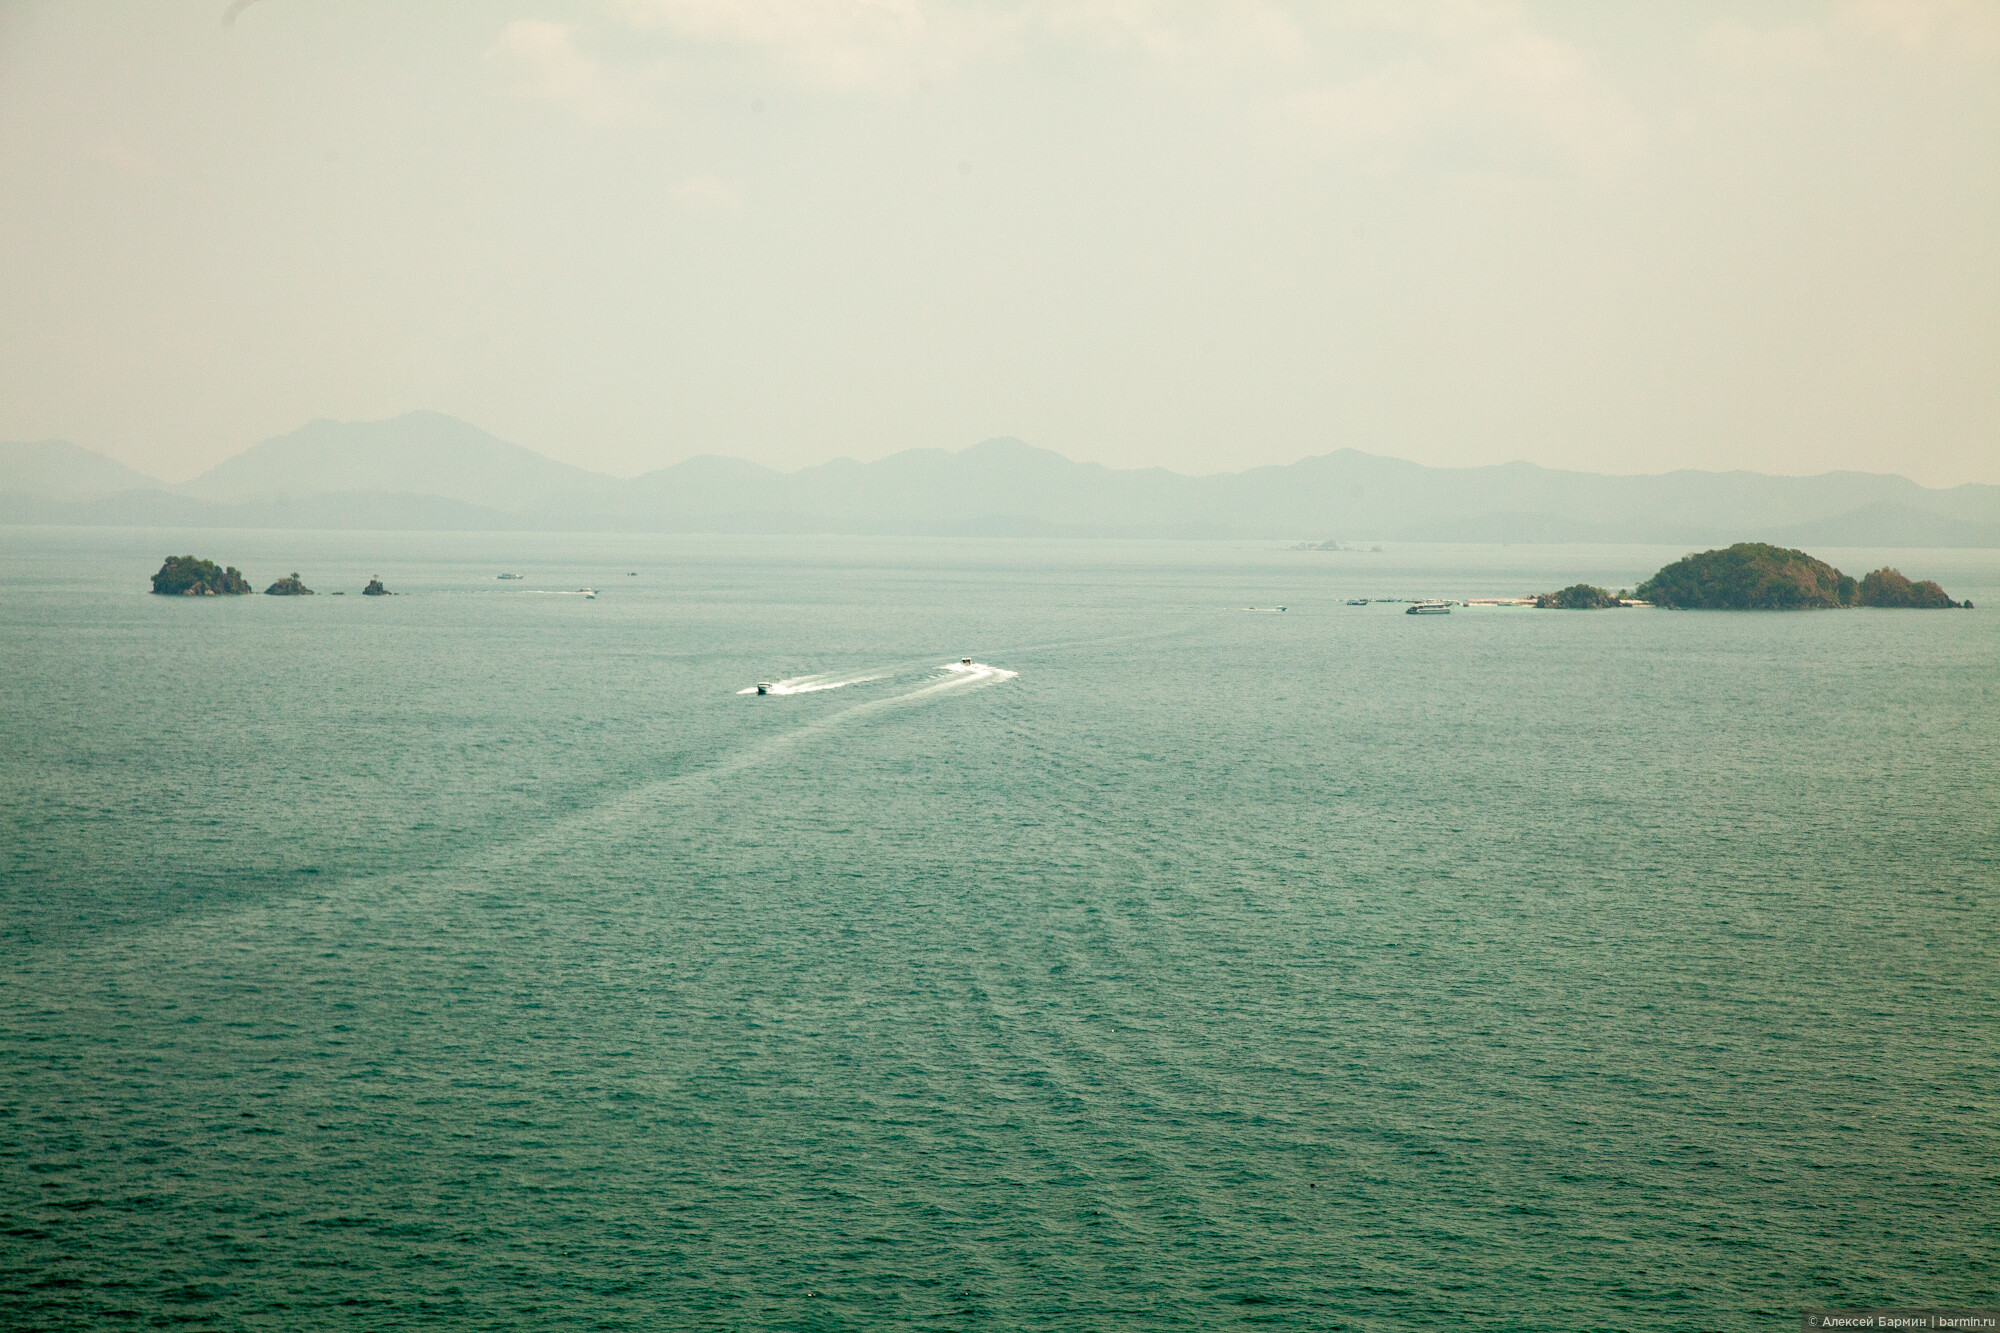 Спидботы гоняют туда-обратно, развозя туристов на популярные острова неподалеку от Пхукета, Полет на вертолете